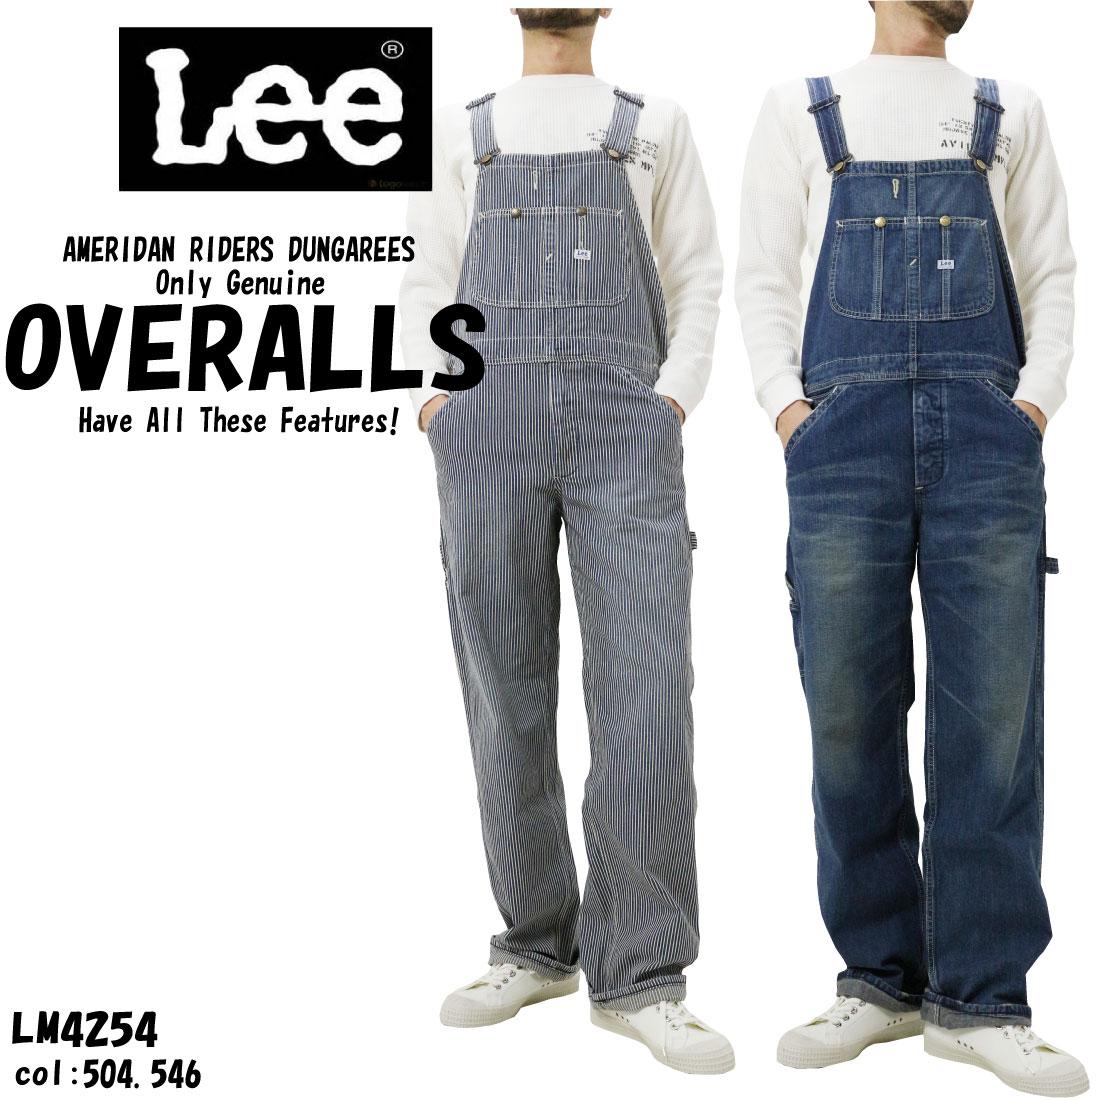 LEE リー LM4254 定番 デニム オーバーオール ワーク仕様 AMERICAN RIDERS DUNGAREES 11oz メンズ 504.546